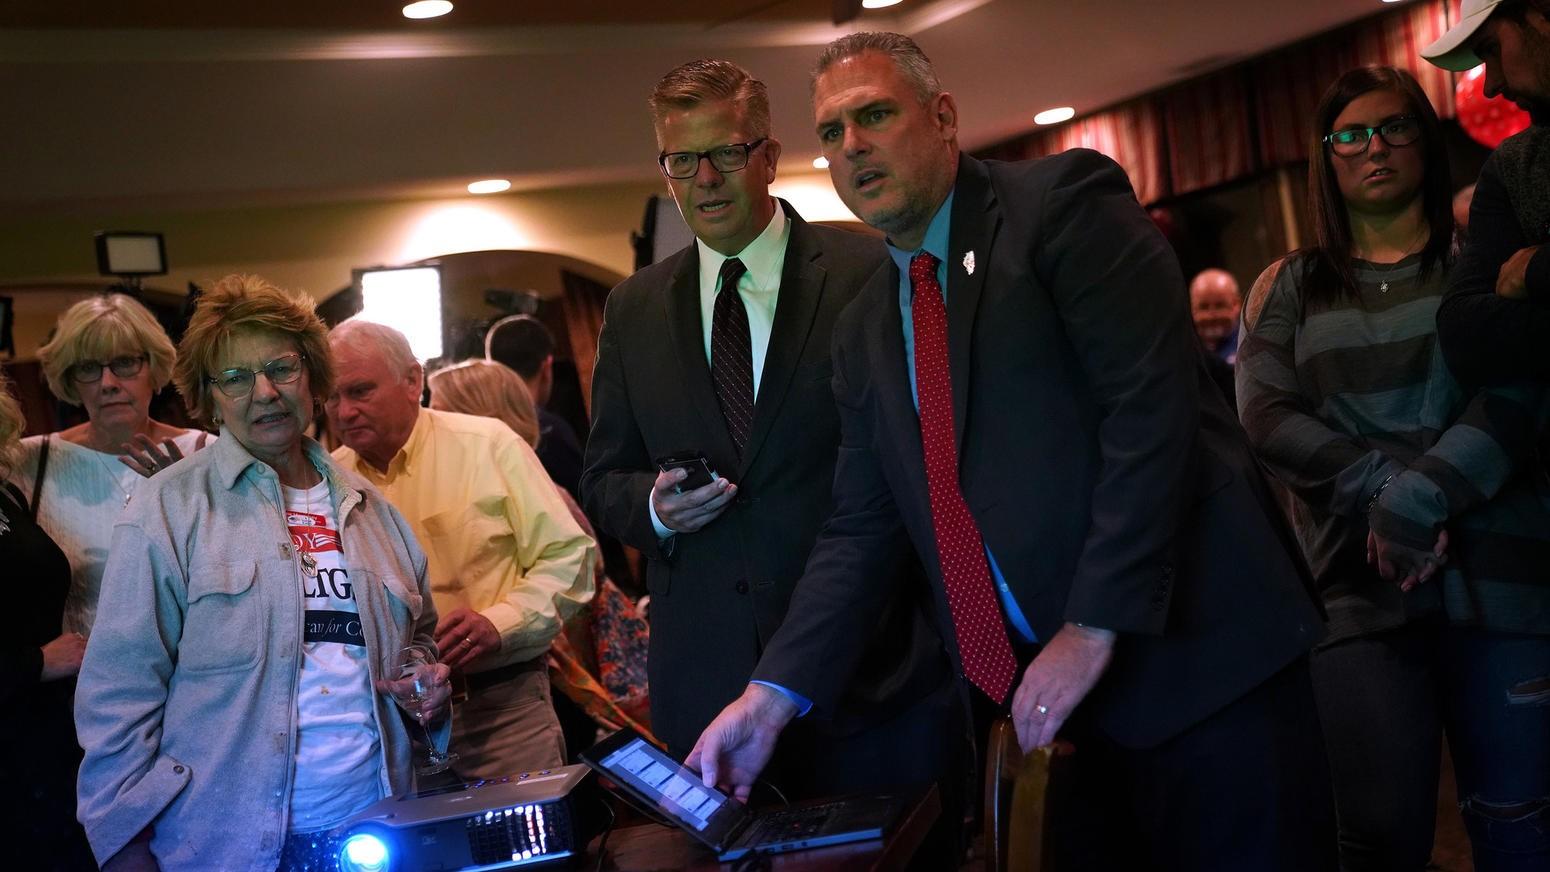 """El hombre de lentes, al centro, es el republicano Randy Hultgren, recién desbancado de la Cámara de Representantes por su competidora, la enfermera Lauren Underwood. En la camapaña para conservar su escaño, Hultgren utilizó el discurso de que la enfermera era una """"extraña"""", una """"outsider"""" ajena a las realidades de la política; una recién llegada que ignoraba las sutilezas de las políticas públicas. Grave error: en los Estados Unidos y en buena parte de las democracias occidentales existe actualmente una ola electoral a favor, precisamente, de quienes se presentan como """"outsiders"""", como personajes ajenos a los usos y costumbres de """"los políticos"""", y que además prometen una """"regeneración"""" de la vida pública, algo así como la reparación de agravios producidos por """"los políticos"""". Tal es el discurso que llevó (o acercado) al triunfo a Trump, al Brexit en el Reino Unido, a Jair Bolsonaro en Brasil, a las derechas xenófobas en Europa, y con sus matices, a Andrés Manuel López Obrador en México. La mayoría de las personas que votaron por la reelección de Hultgren fueron varones """"blancos"""", y que además viven en las localidades semirurales y rurales del 14º. Distrito de Illinois, mientras que el electorado que optó por Lauren Underwood fue femenino, mujeres citadinas, y de distintas """"etnias"""": afroamericanas, latinas, """"blancas"""" (FUENTE: Chicago Tribune)."""